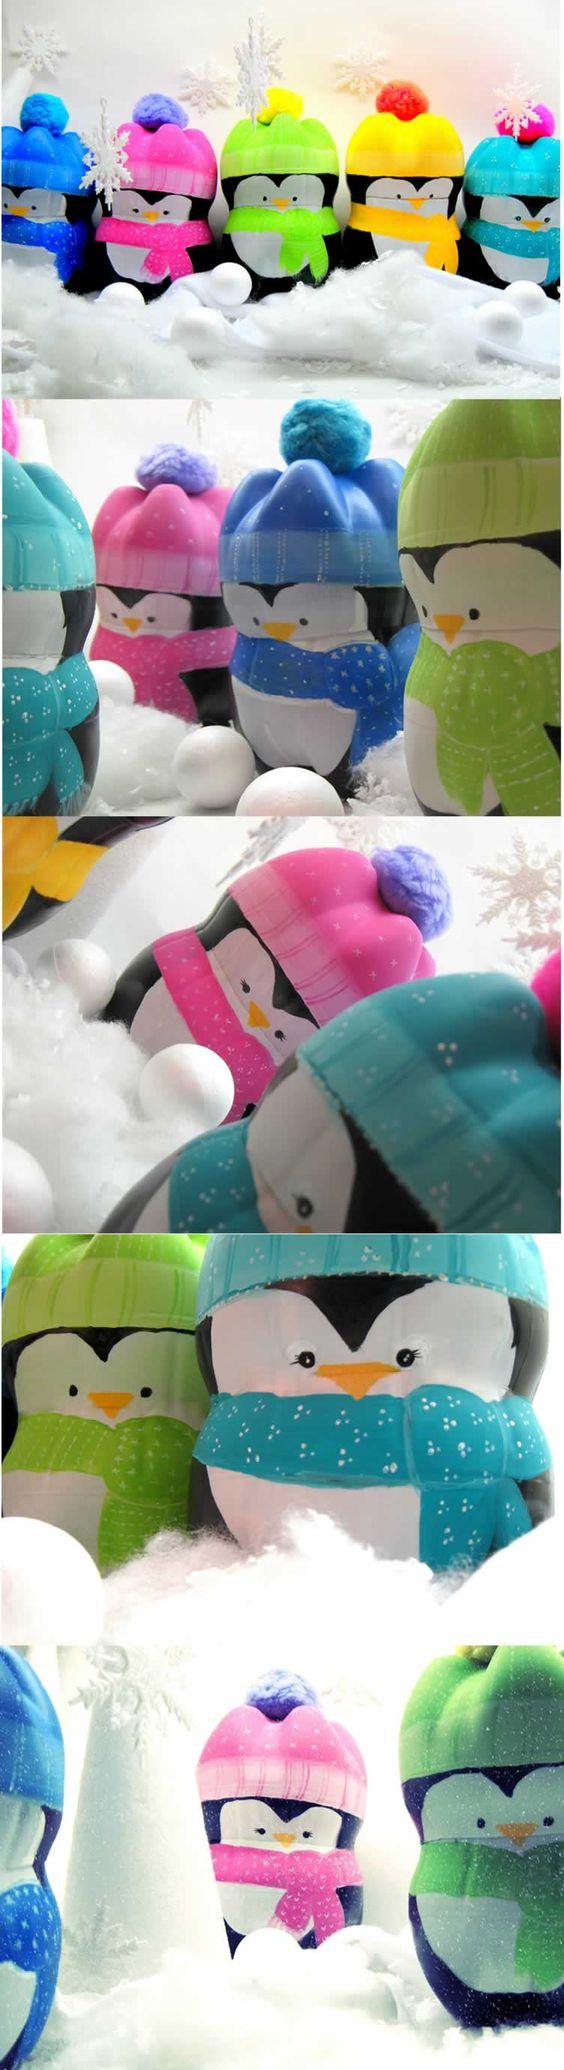 Pinguinos hechos con botellas plásticas Pinguins de garrafa PET